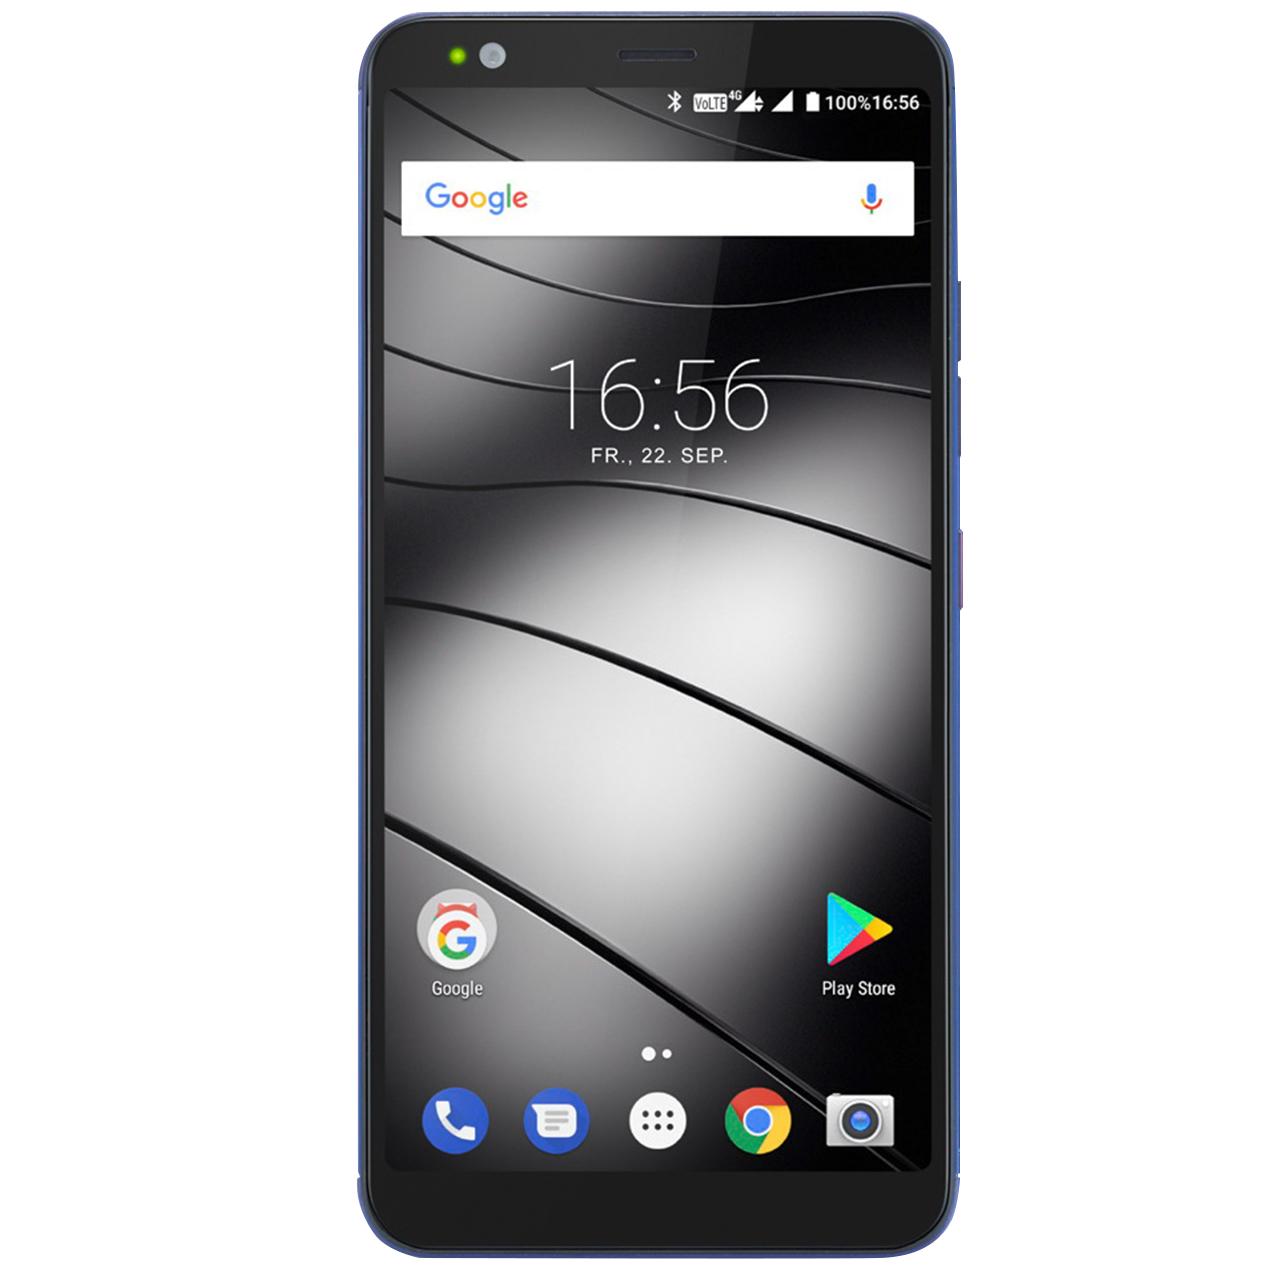 گوشی موبایل گیگاست مدل GS370 دو سیم کارت ظرفیت 32 گیگابایت